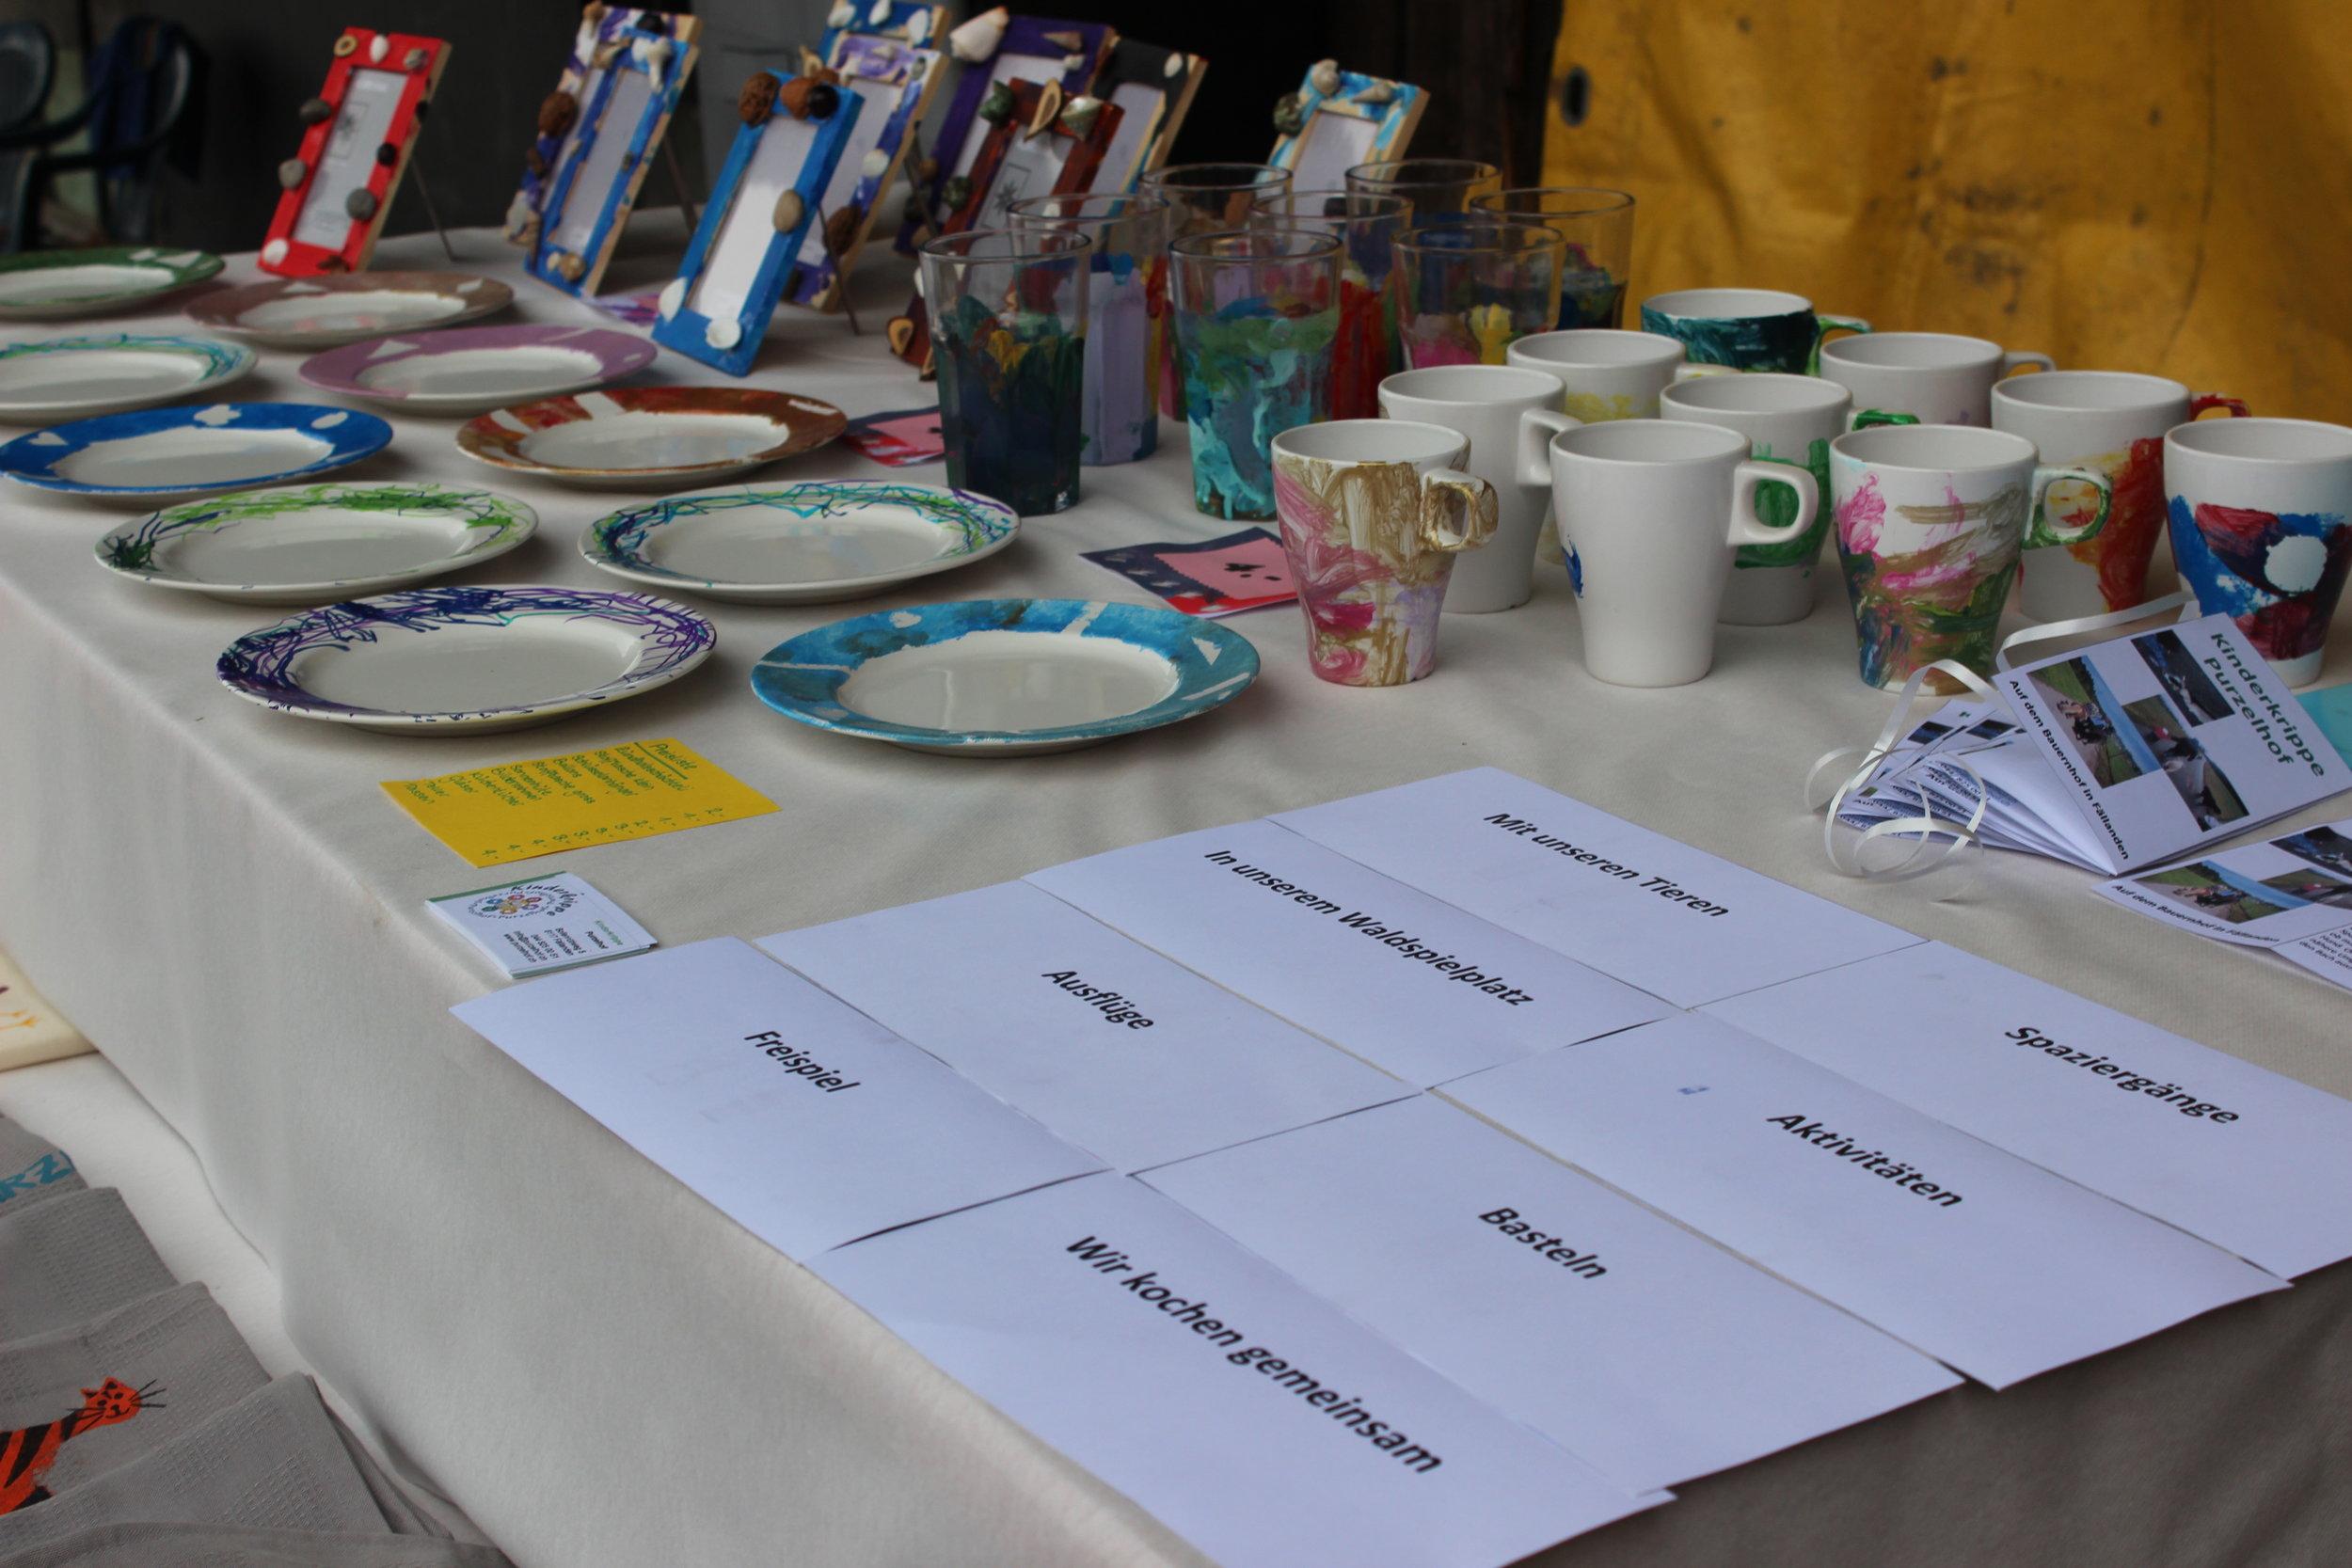 Ein Tisch mit gebasteltem der Kinder. - Teller, Tassen, Bilderrahmen, Stofftaschen, Sommerhüte, Schlüsselanhänger, Küchentücher und mehr.